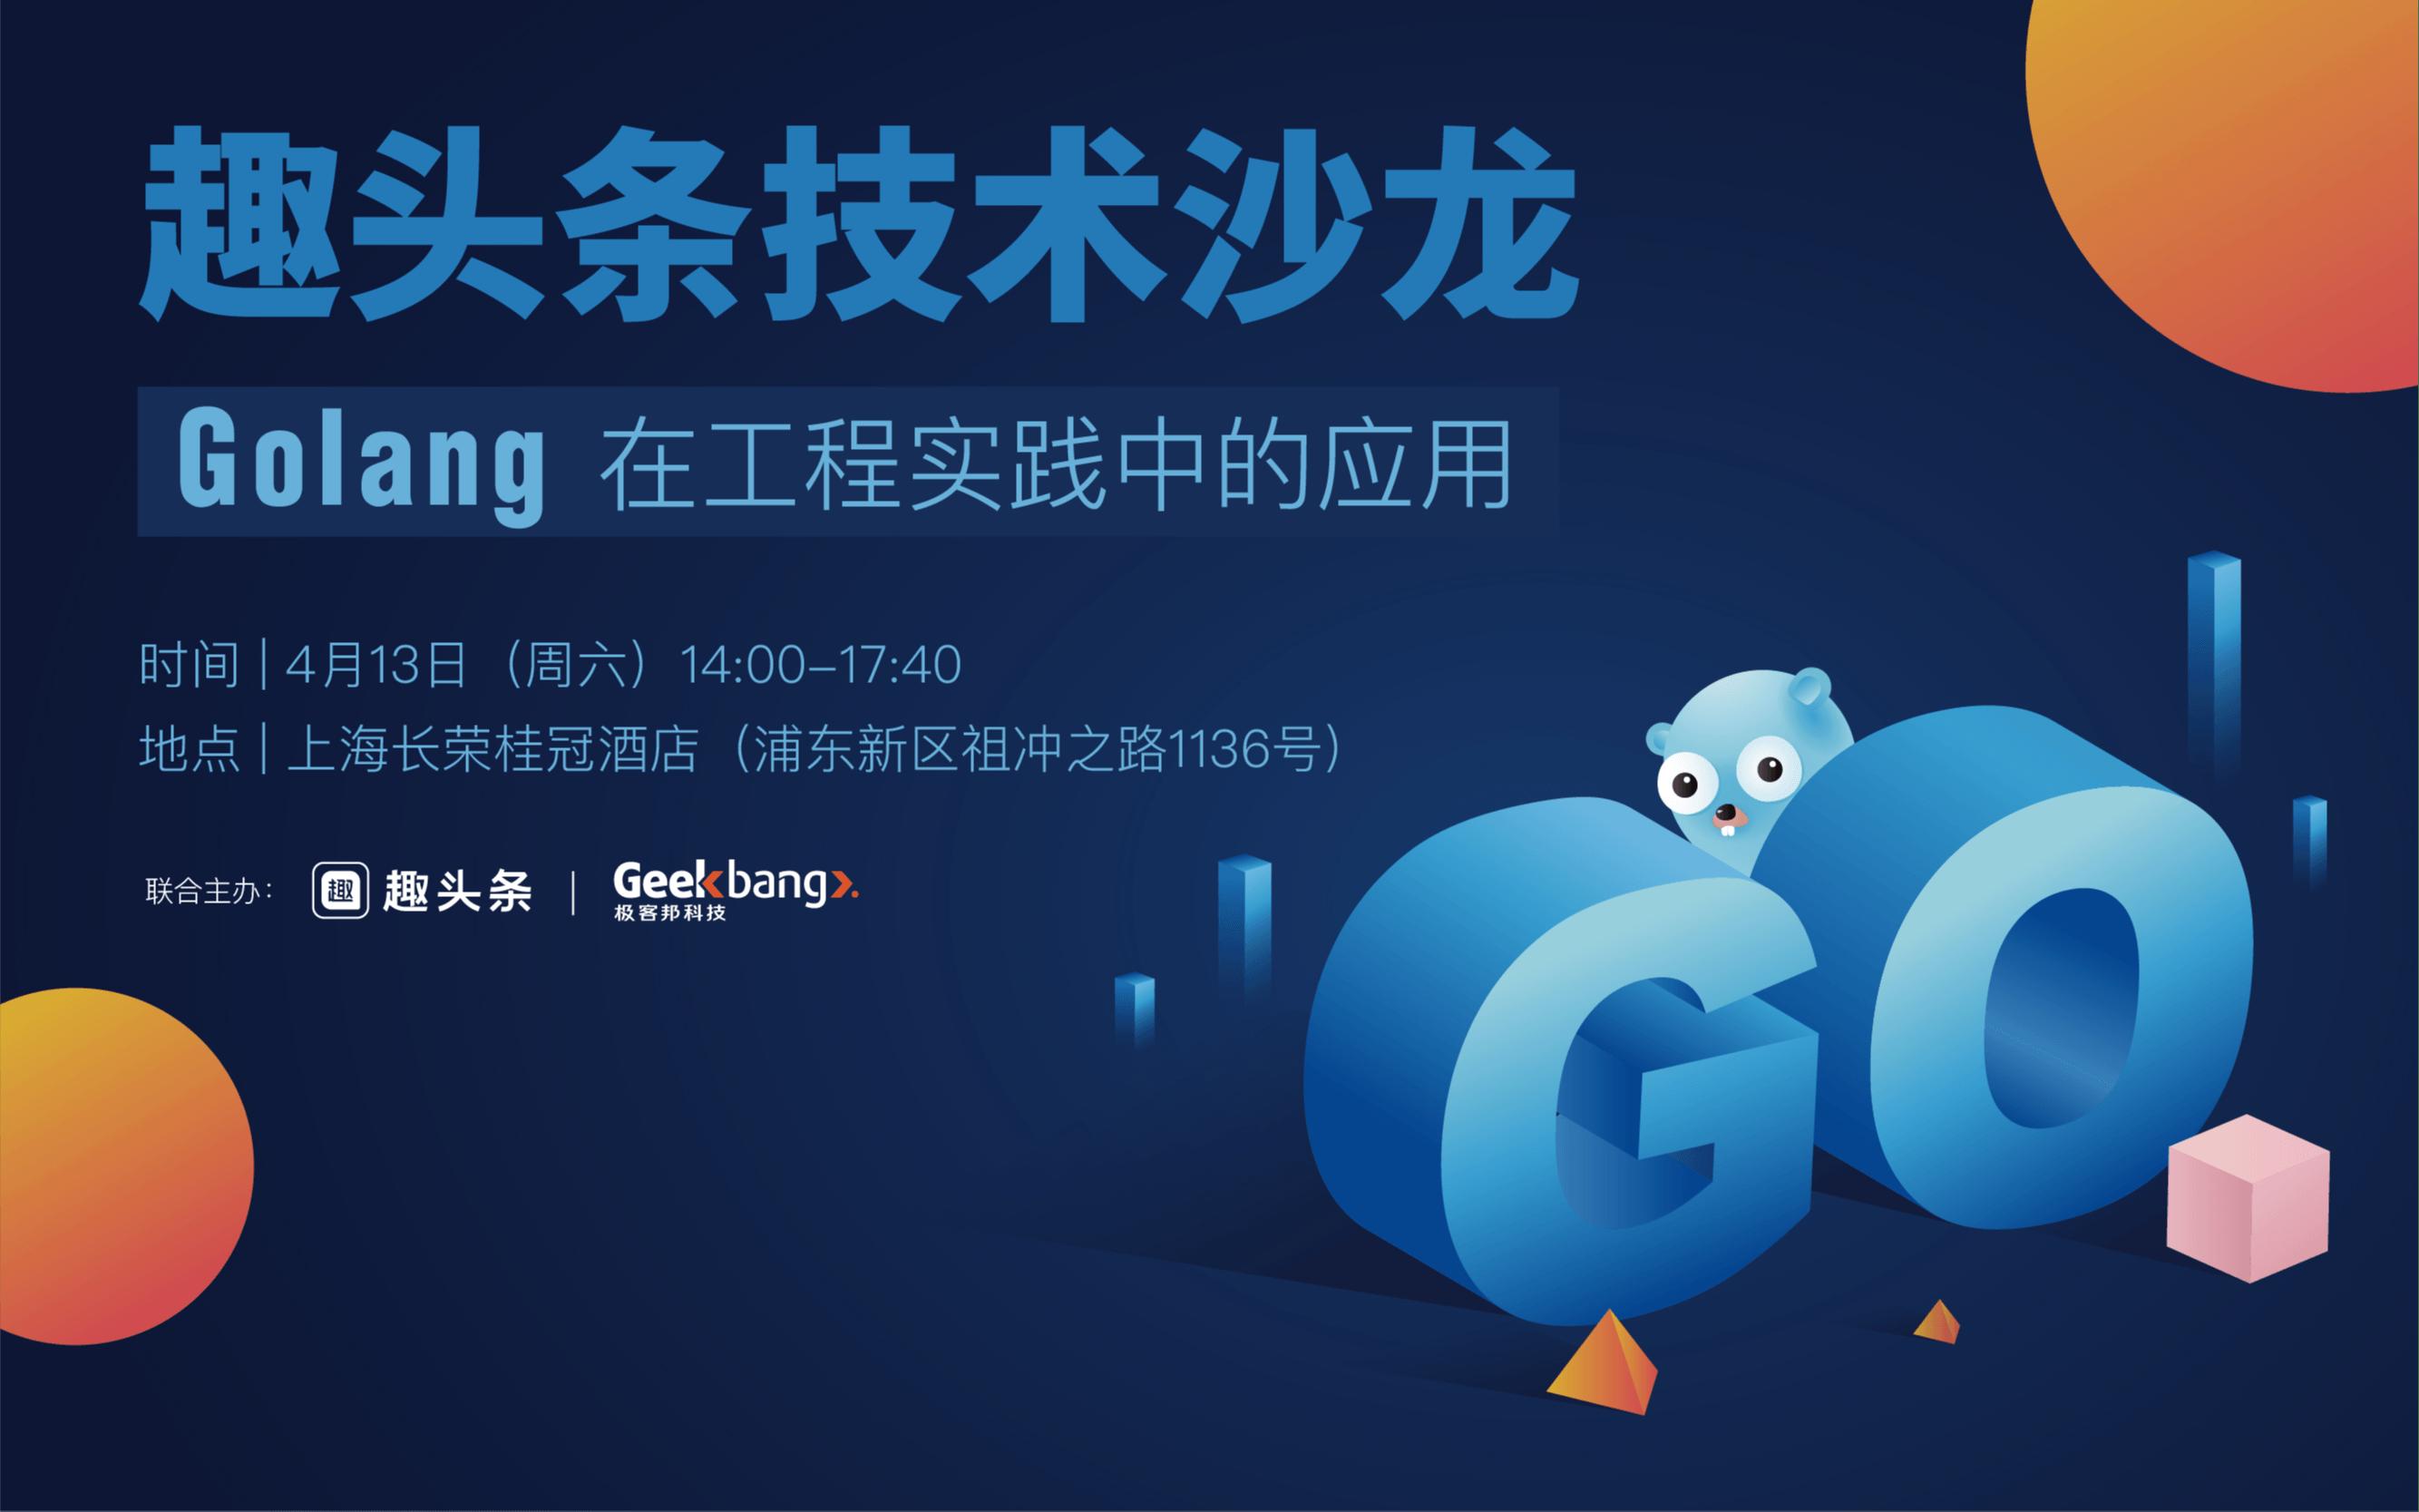 趣头条首届技术沙龙:Golang 在工程实践中的应用2019(上海)